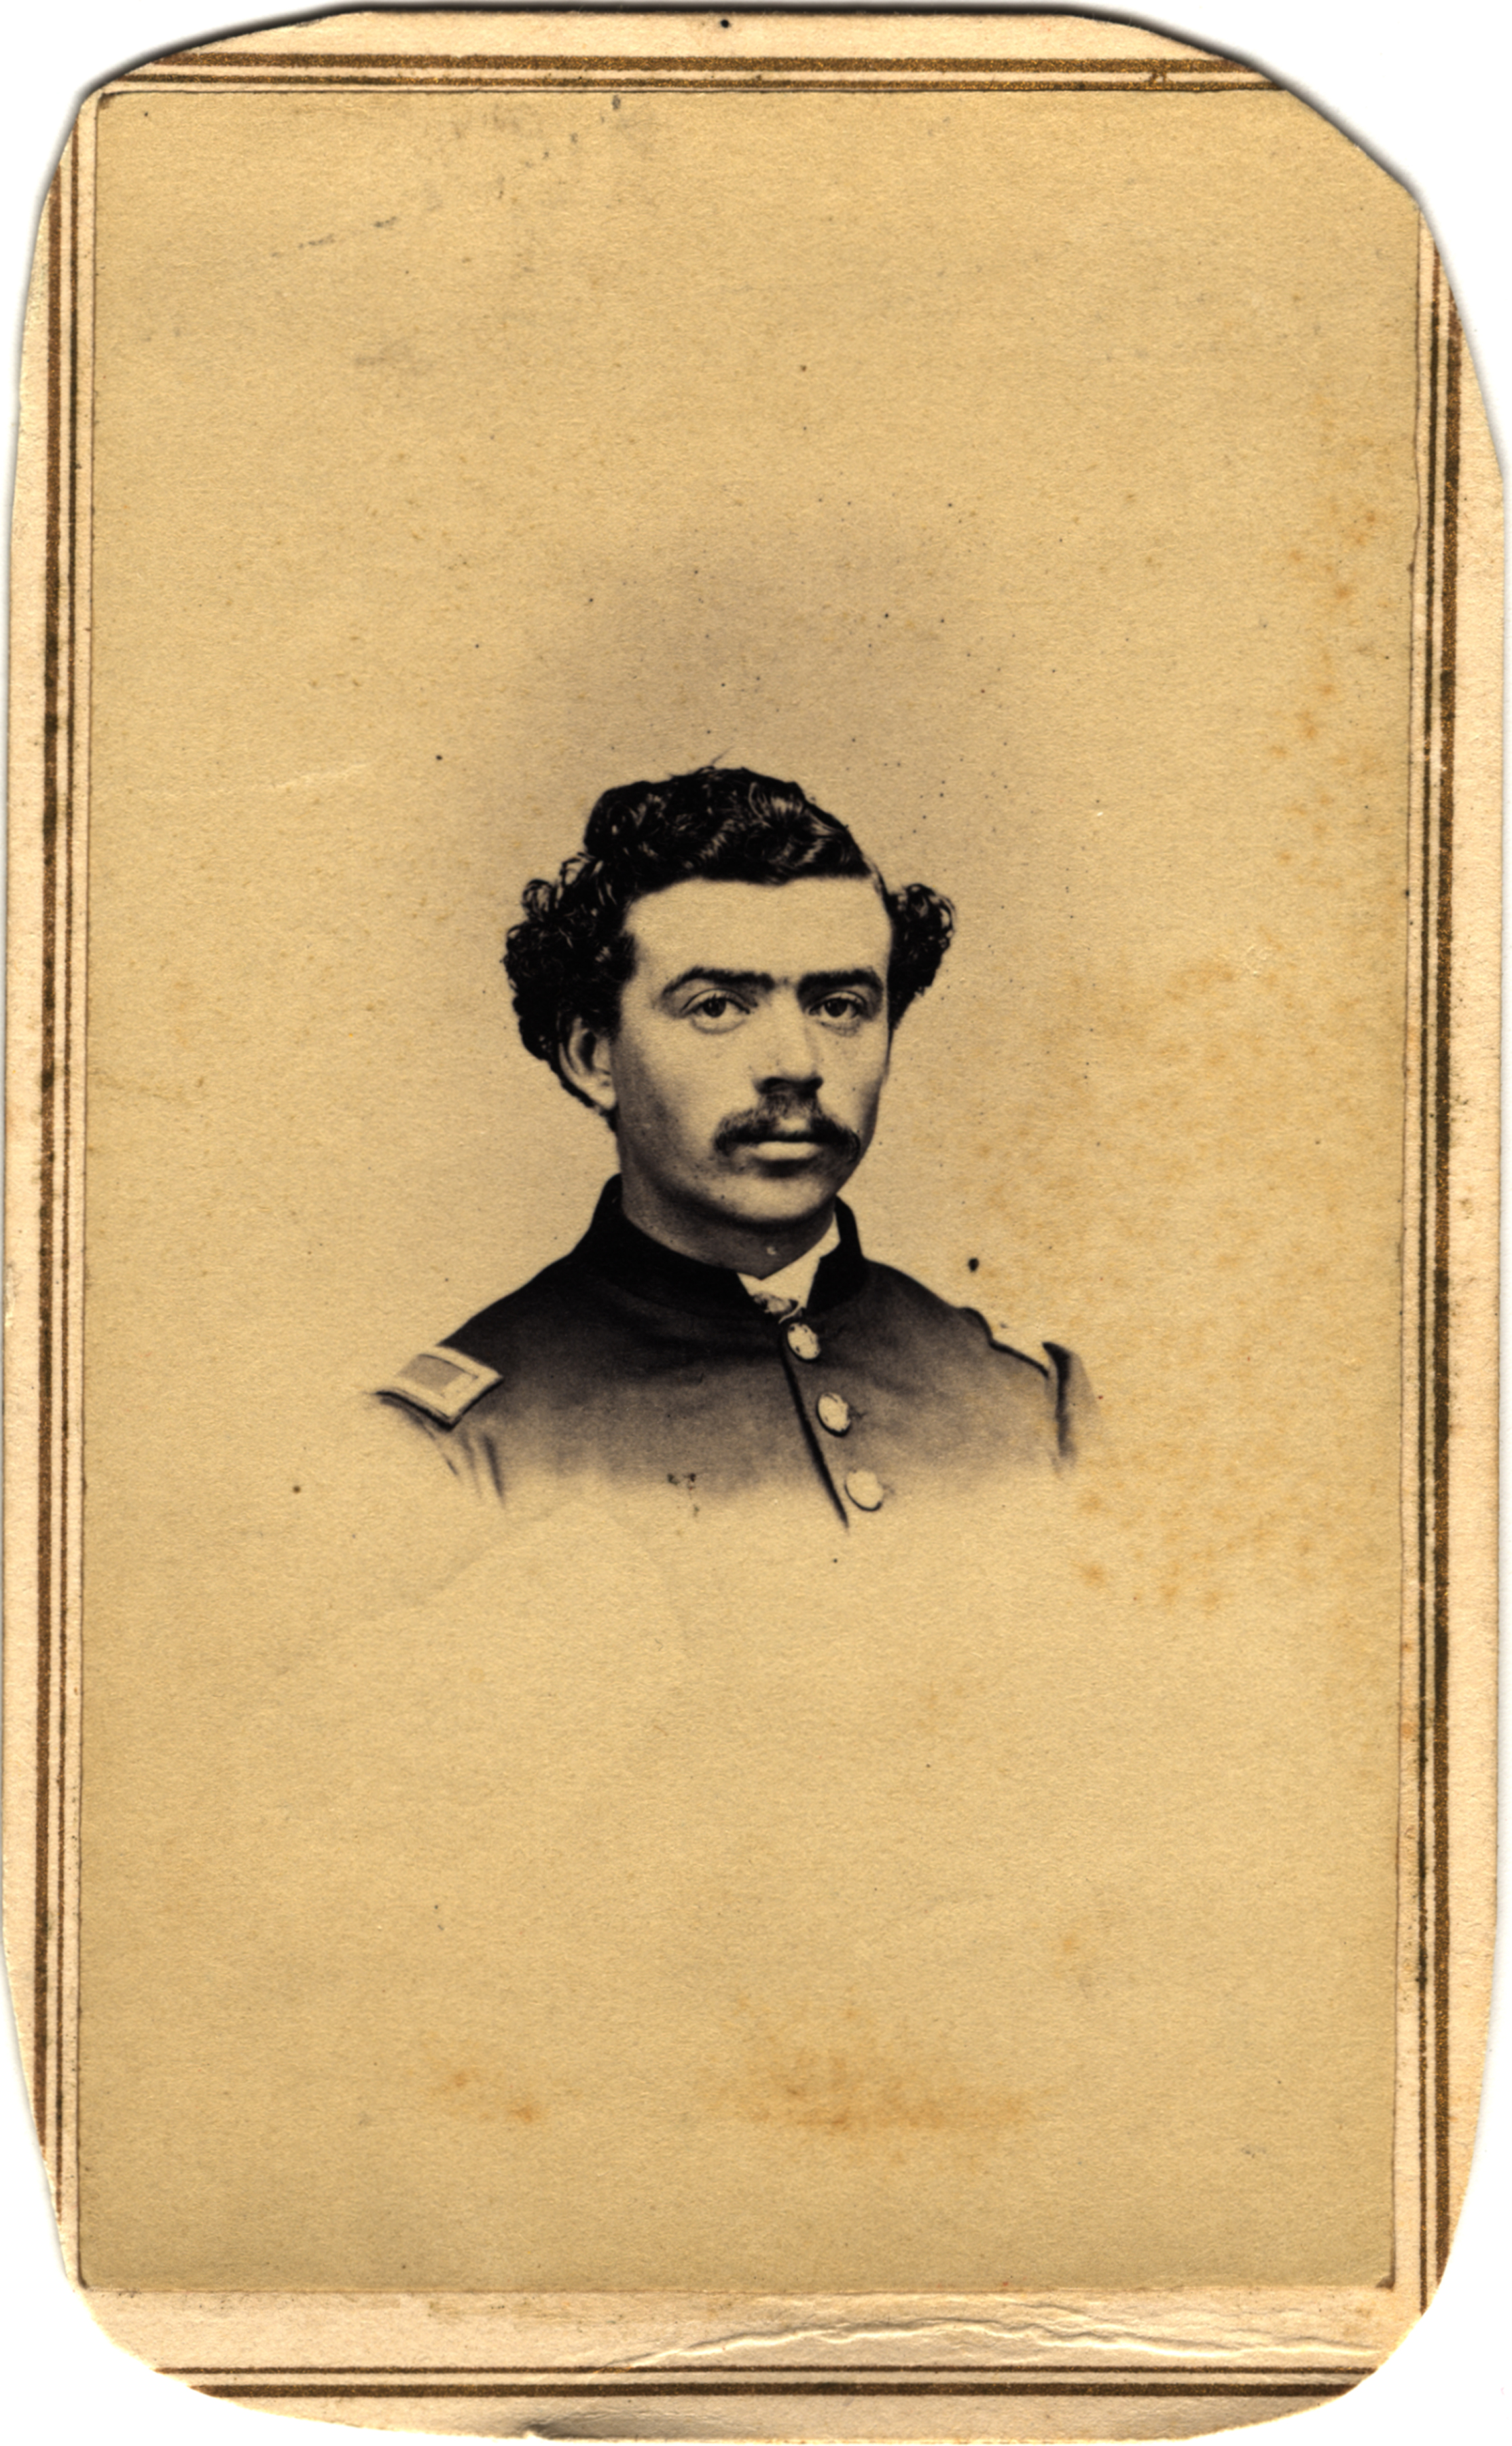 Daniel E. Stearns, circa 1860s